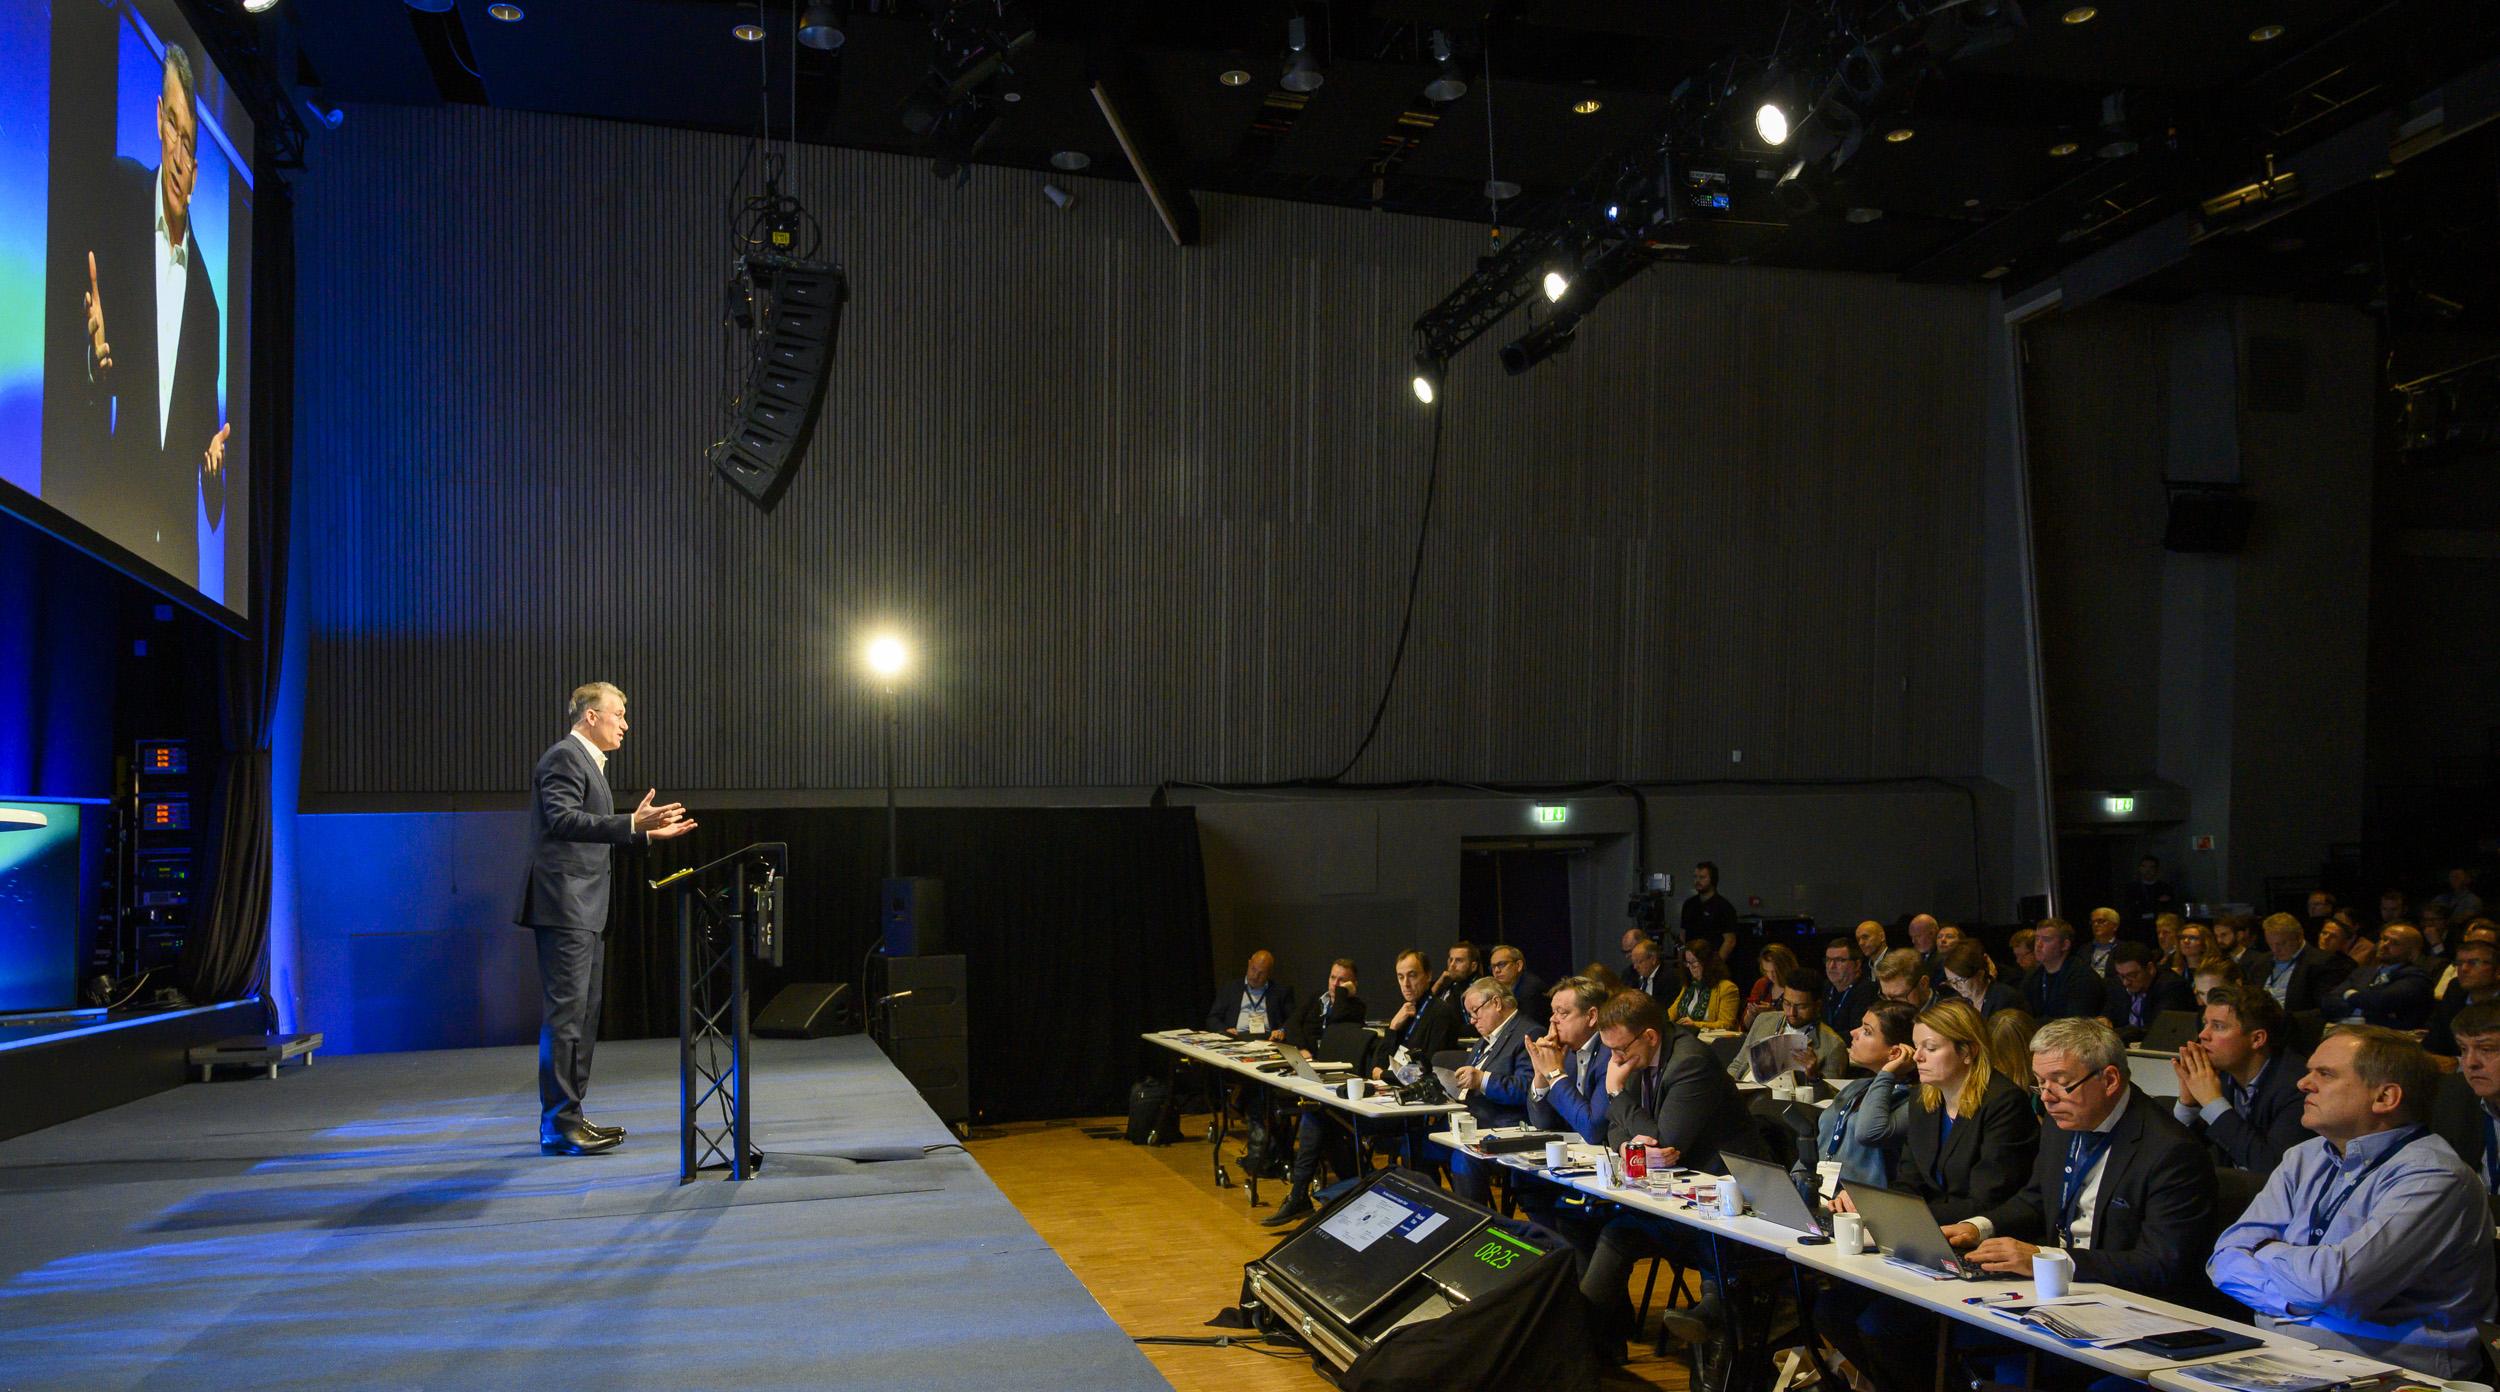 Bob Wolpert presenterer Hyper Insight